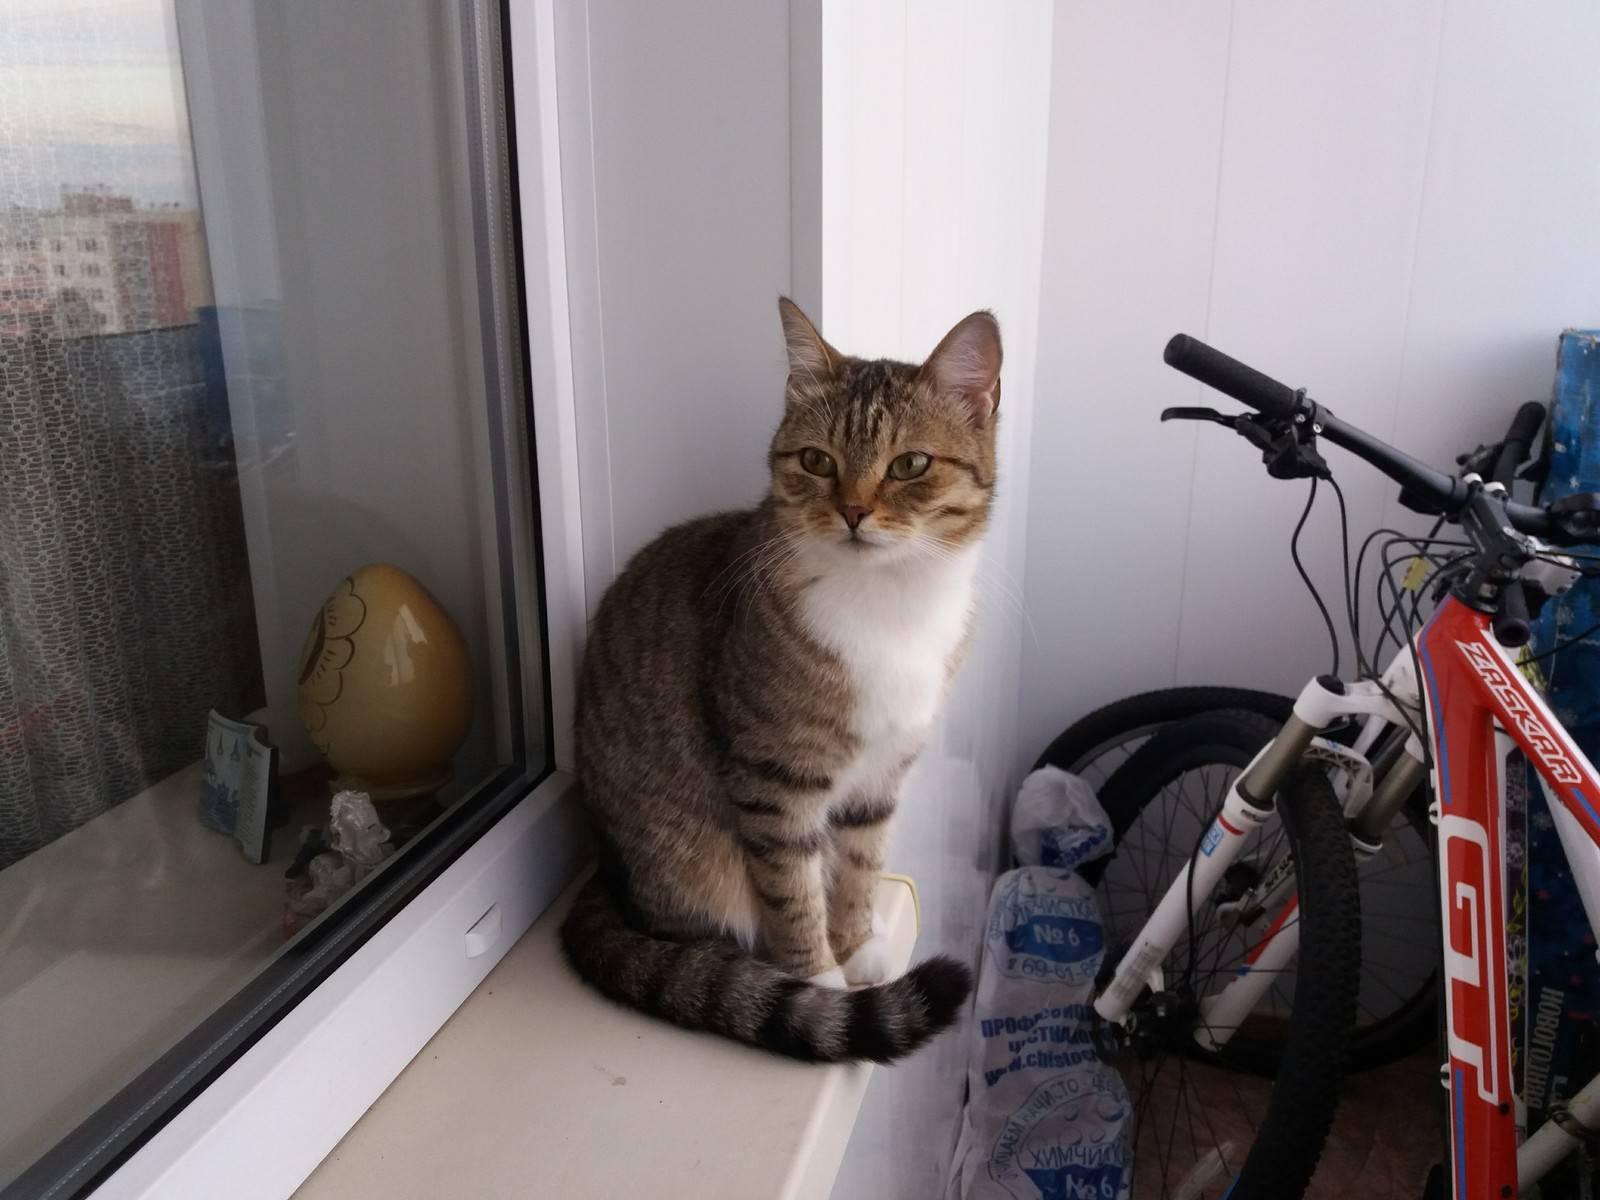 Почему кот ест целлофан и что в таком случае делать